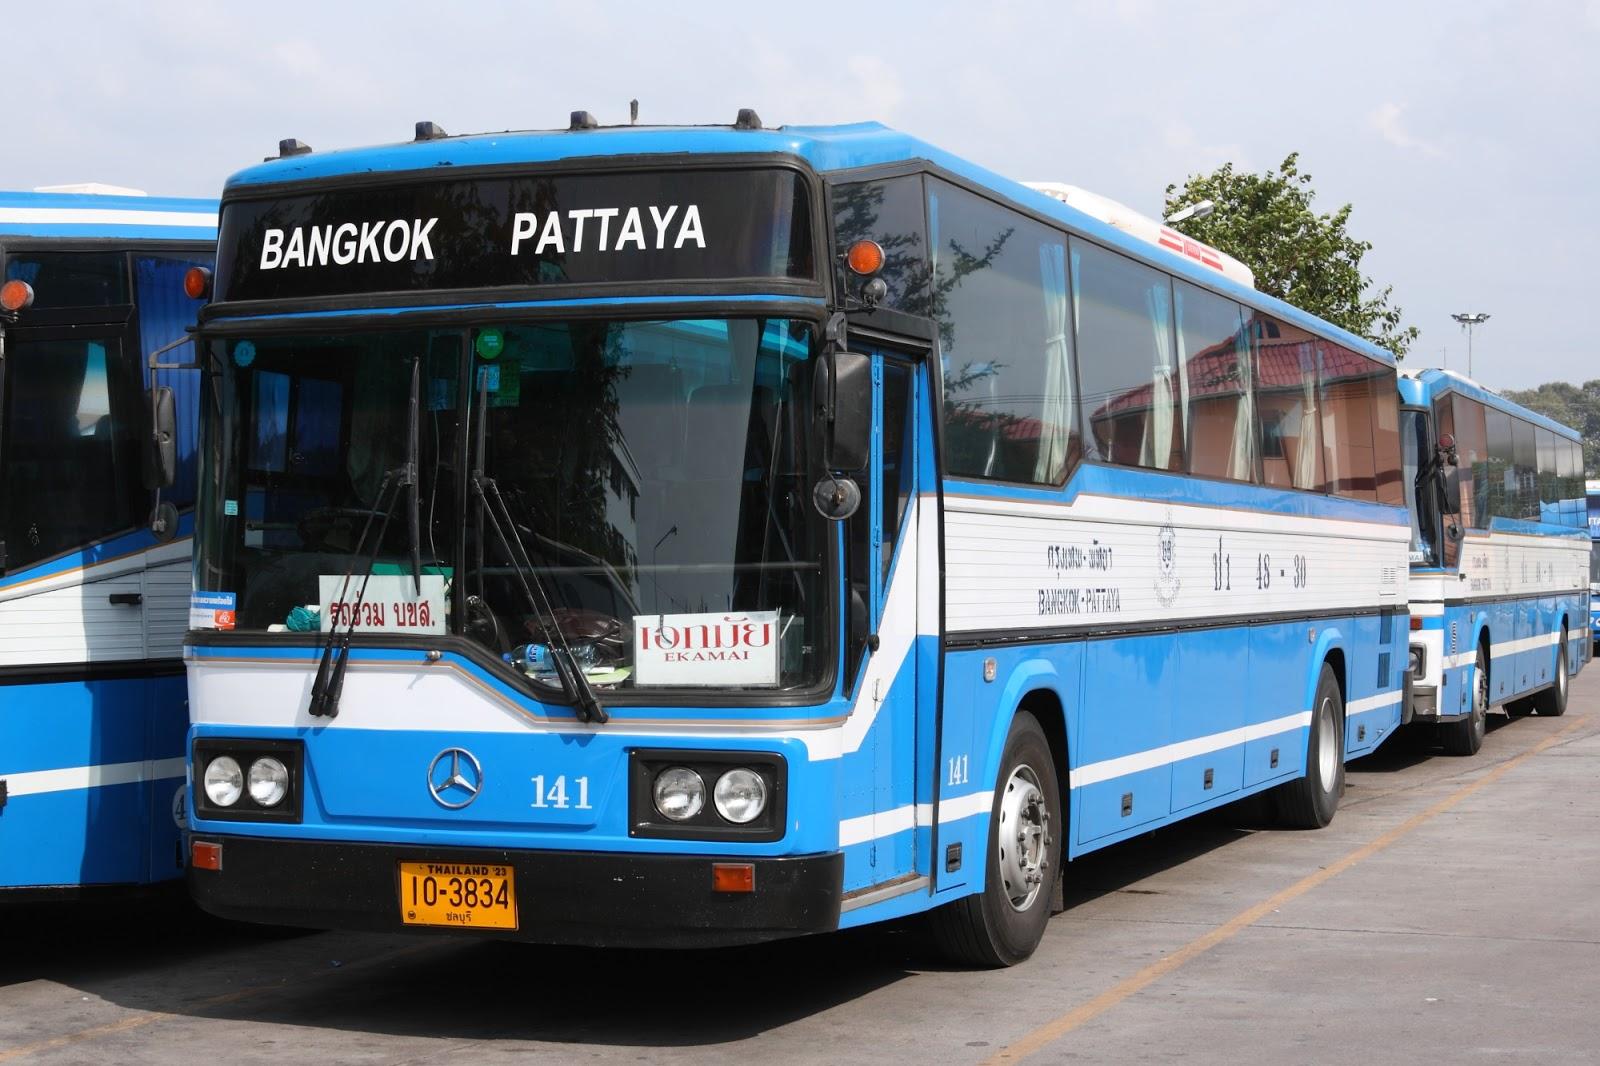 Xe bus đi Bangkok- Pattaya có rất nhiều, dễ kiếm